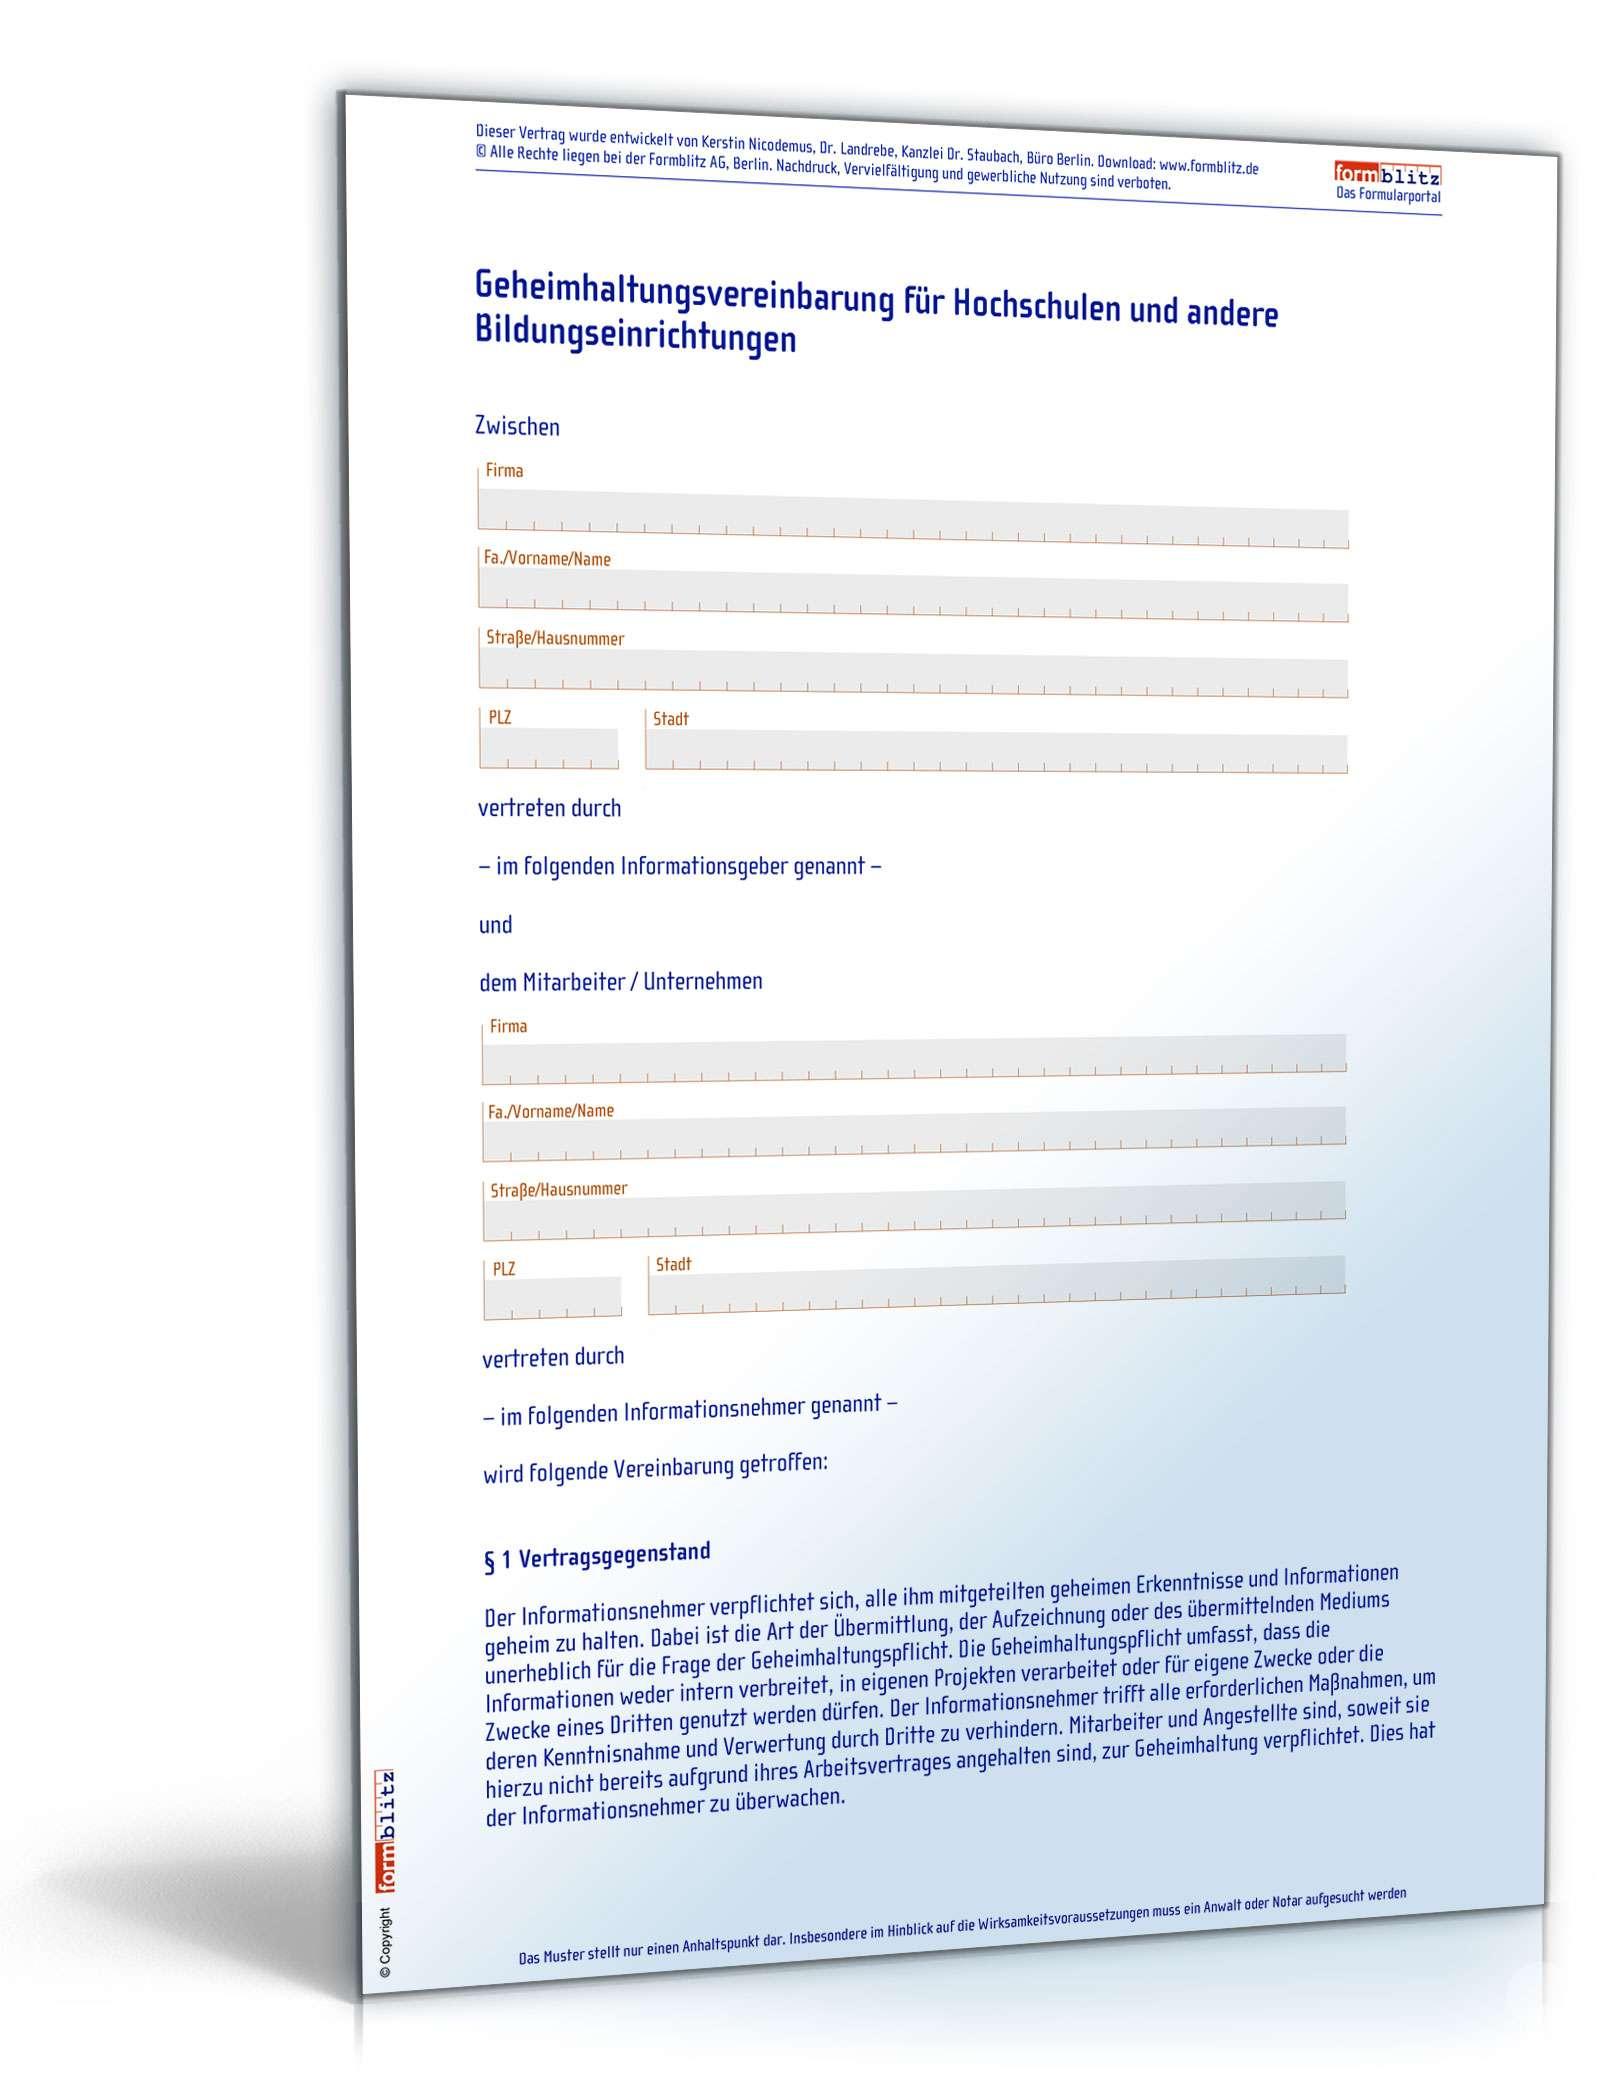 Schön Vertraulichkeitsvereinbarung Formularvorlage Fotos - Entry ...